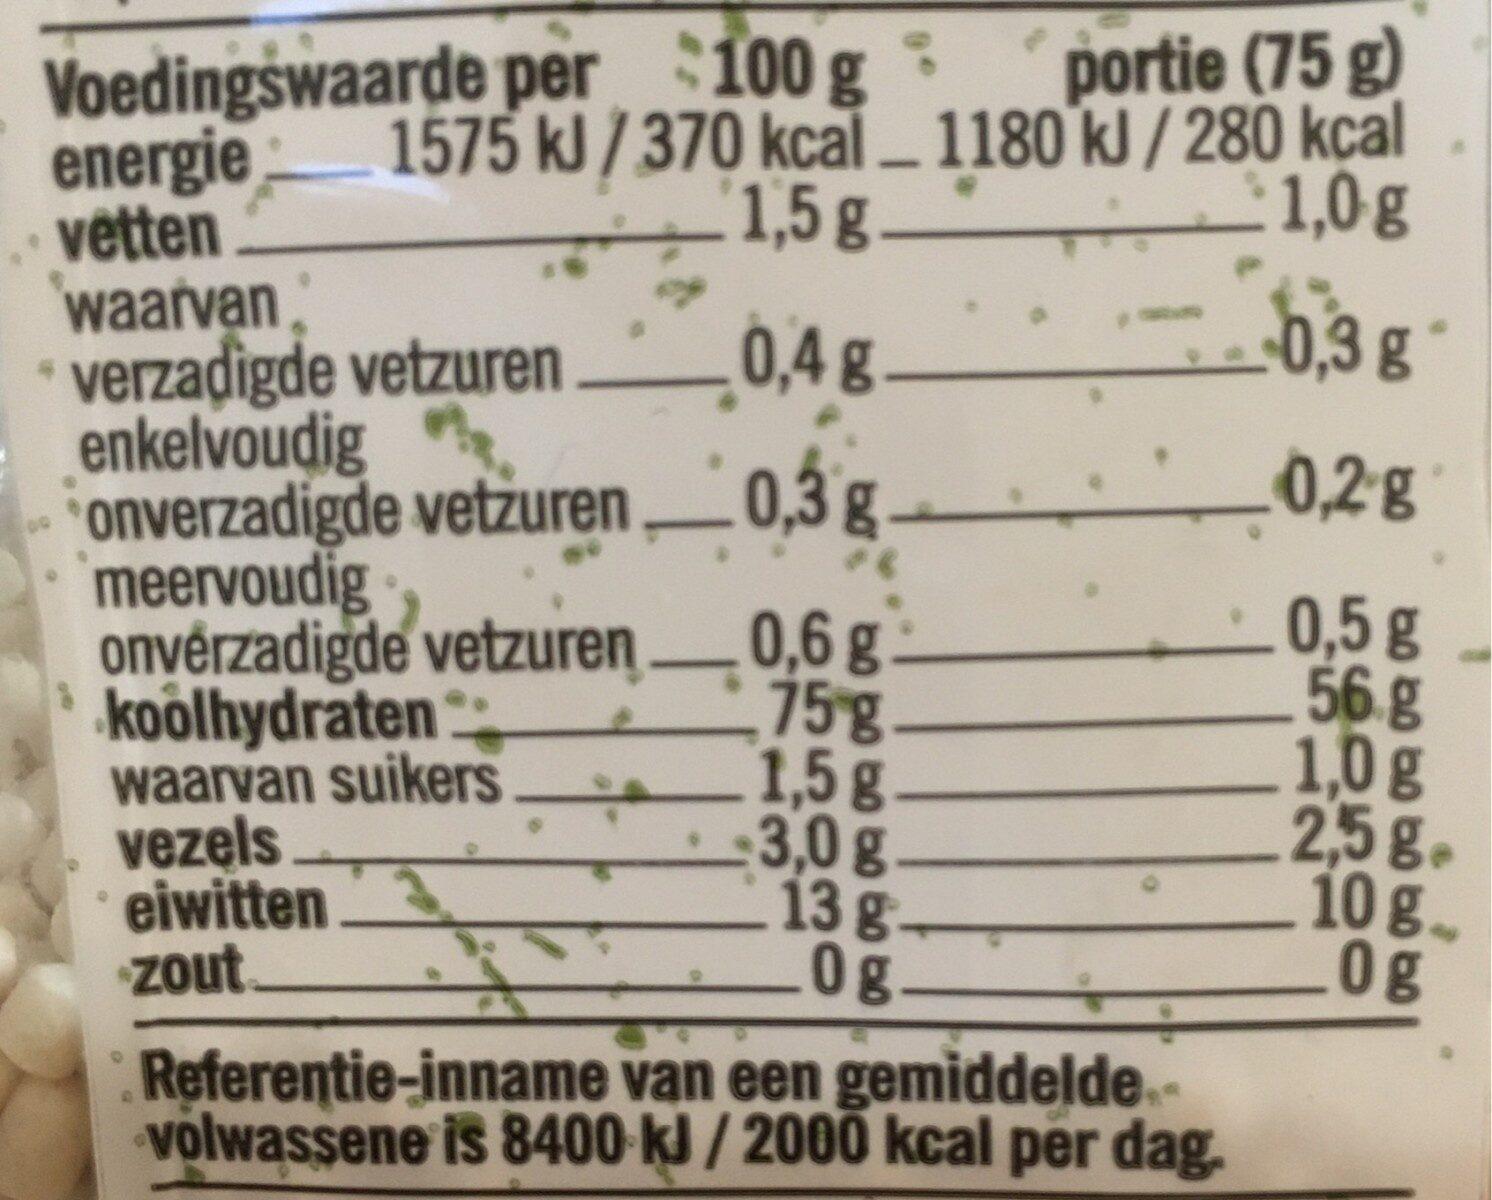 Parel couscous - Nutrition facts - en